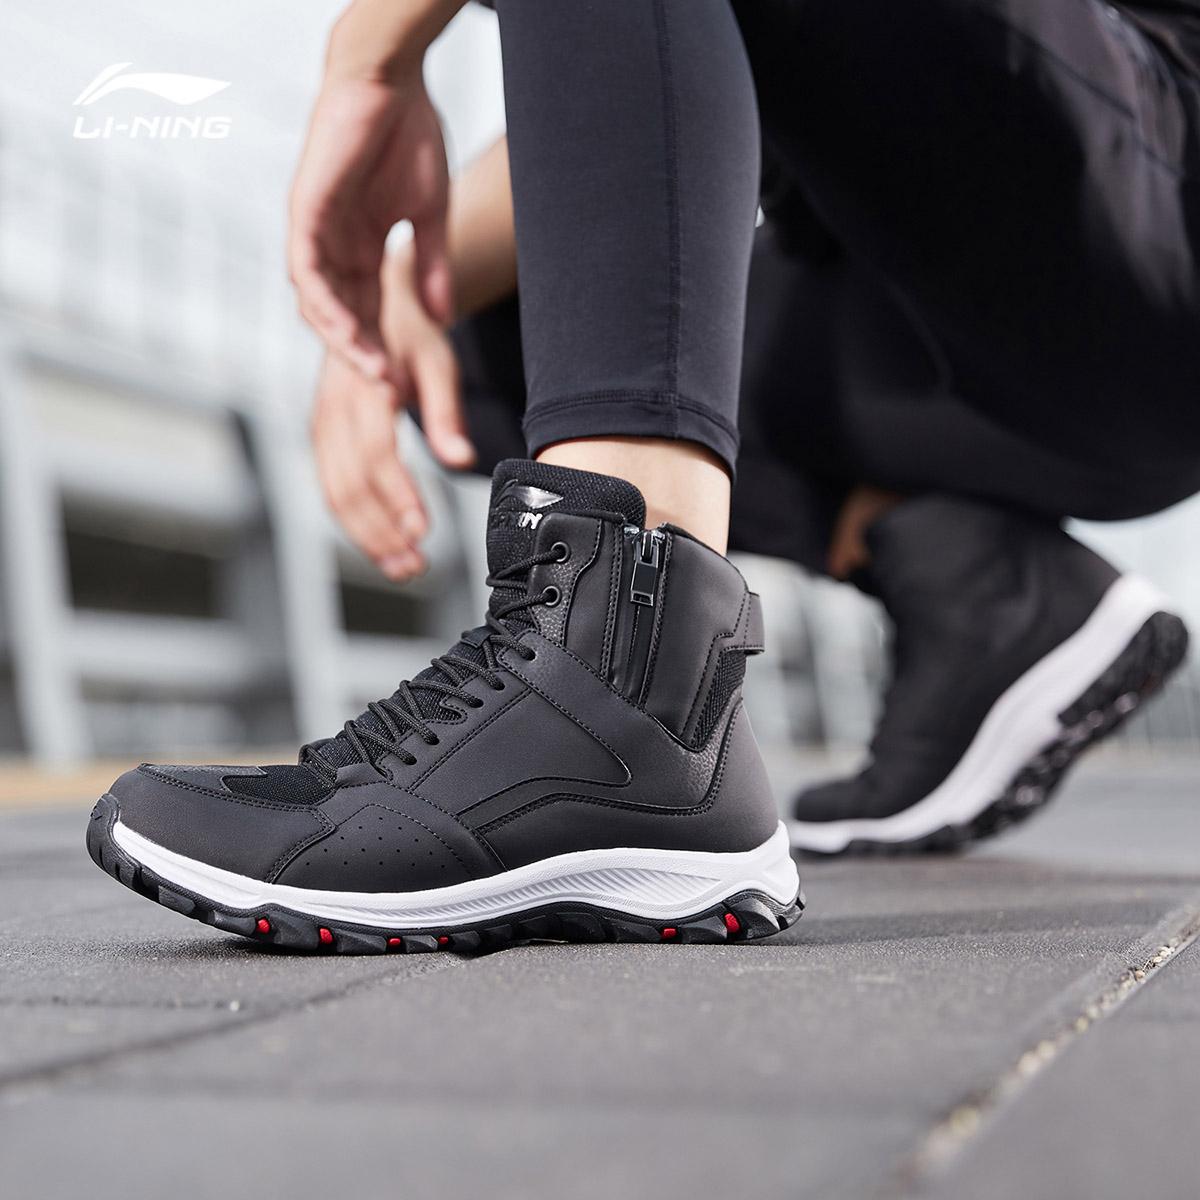 李宁男鞋棉鞋跑步鞋2019冬季新款高帮户外越野防滑休闲鞋运动鞋子